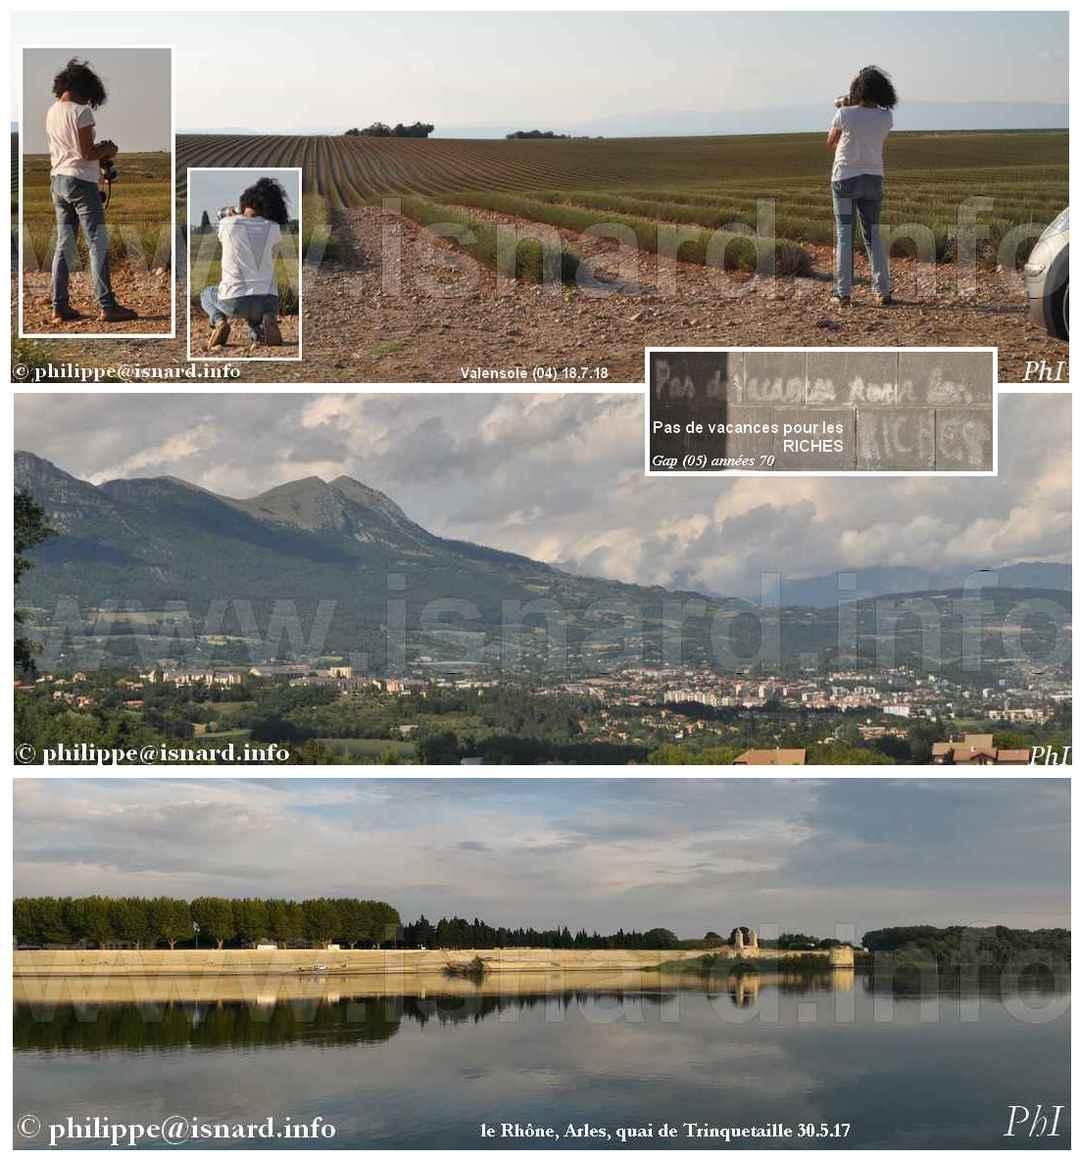 """""""Pas de vacances pour les RICHES"""" Valensole Gap Arles 2017-2018 © PhI"""